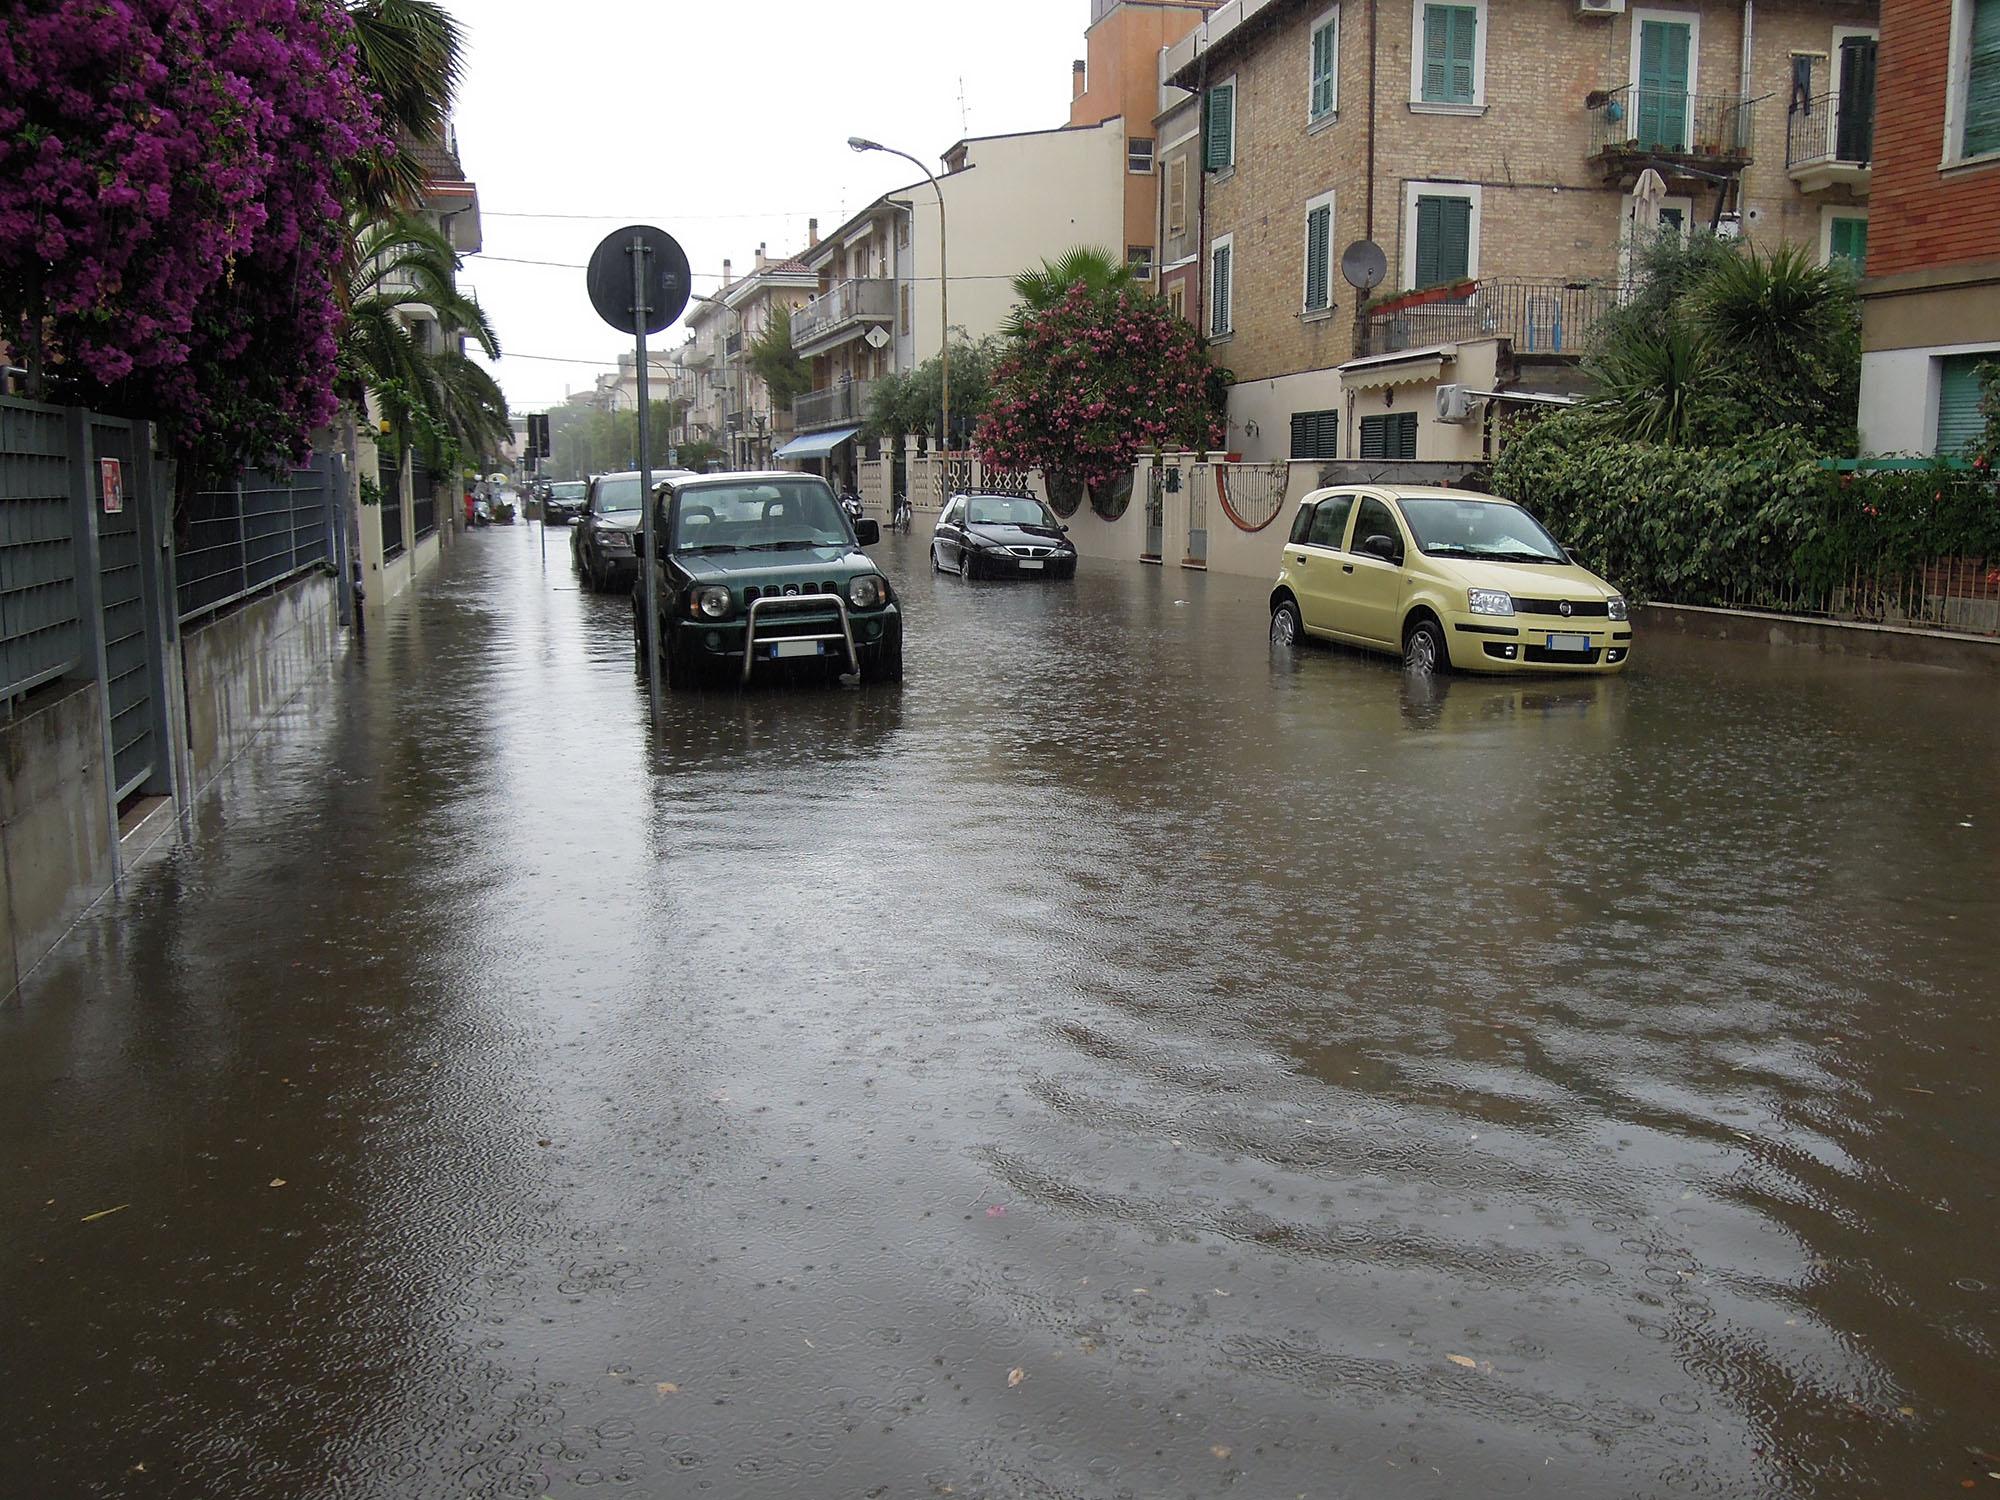 Via Trento allagata, luglio 2012 4 (fulvio baiocchi) 5